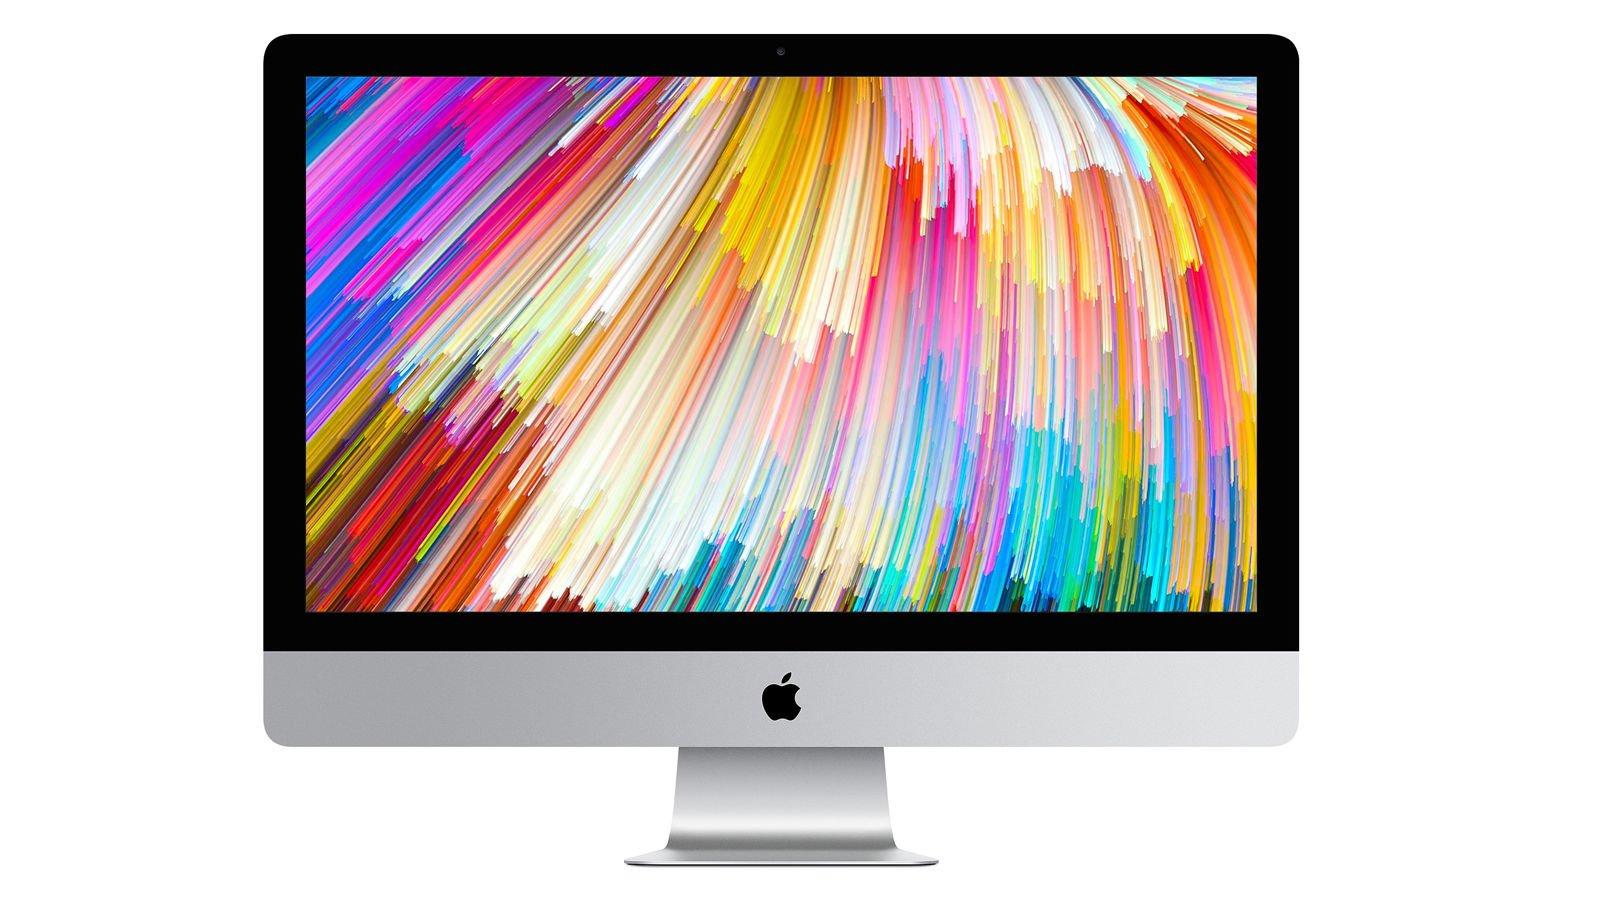 Comprar una Mac reacondicionada en Apple Refurb Store